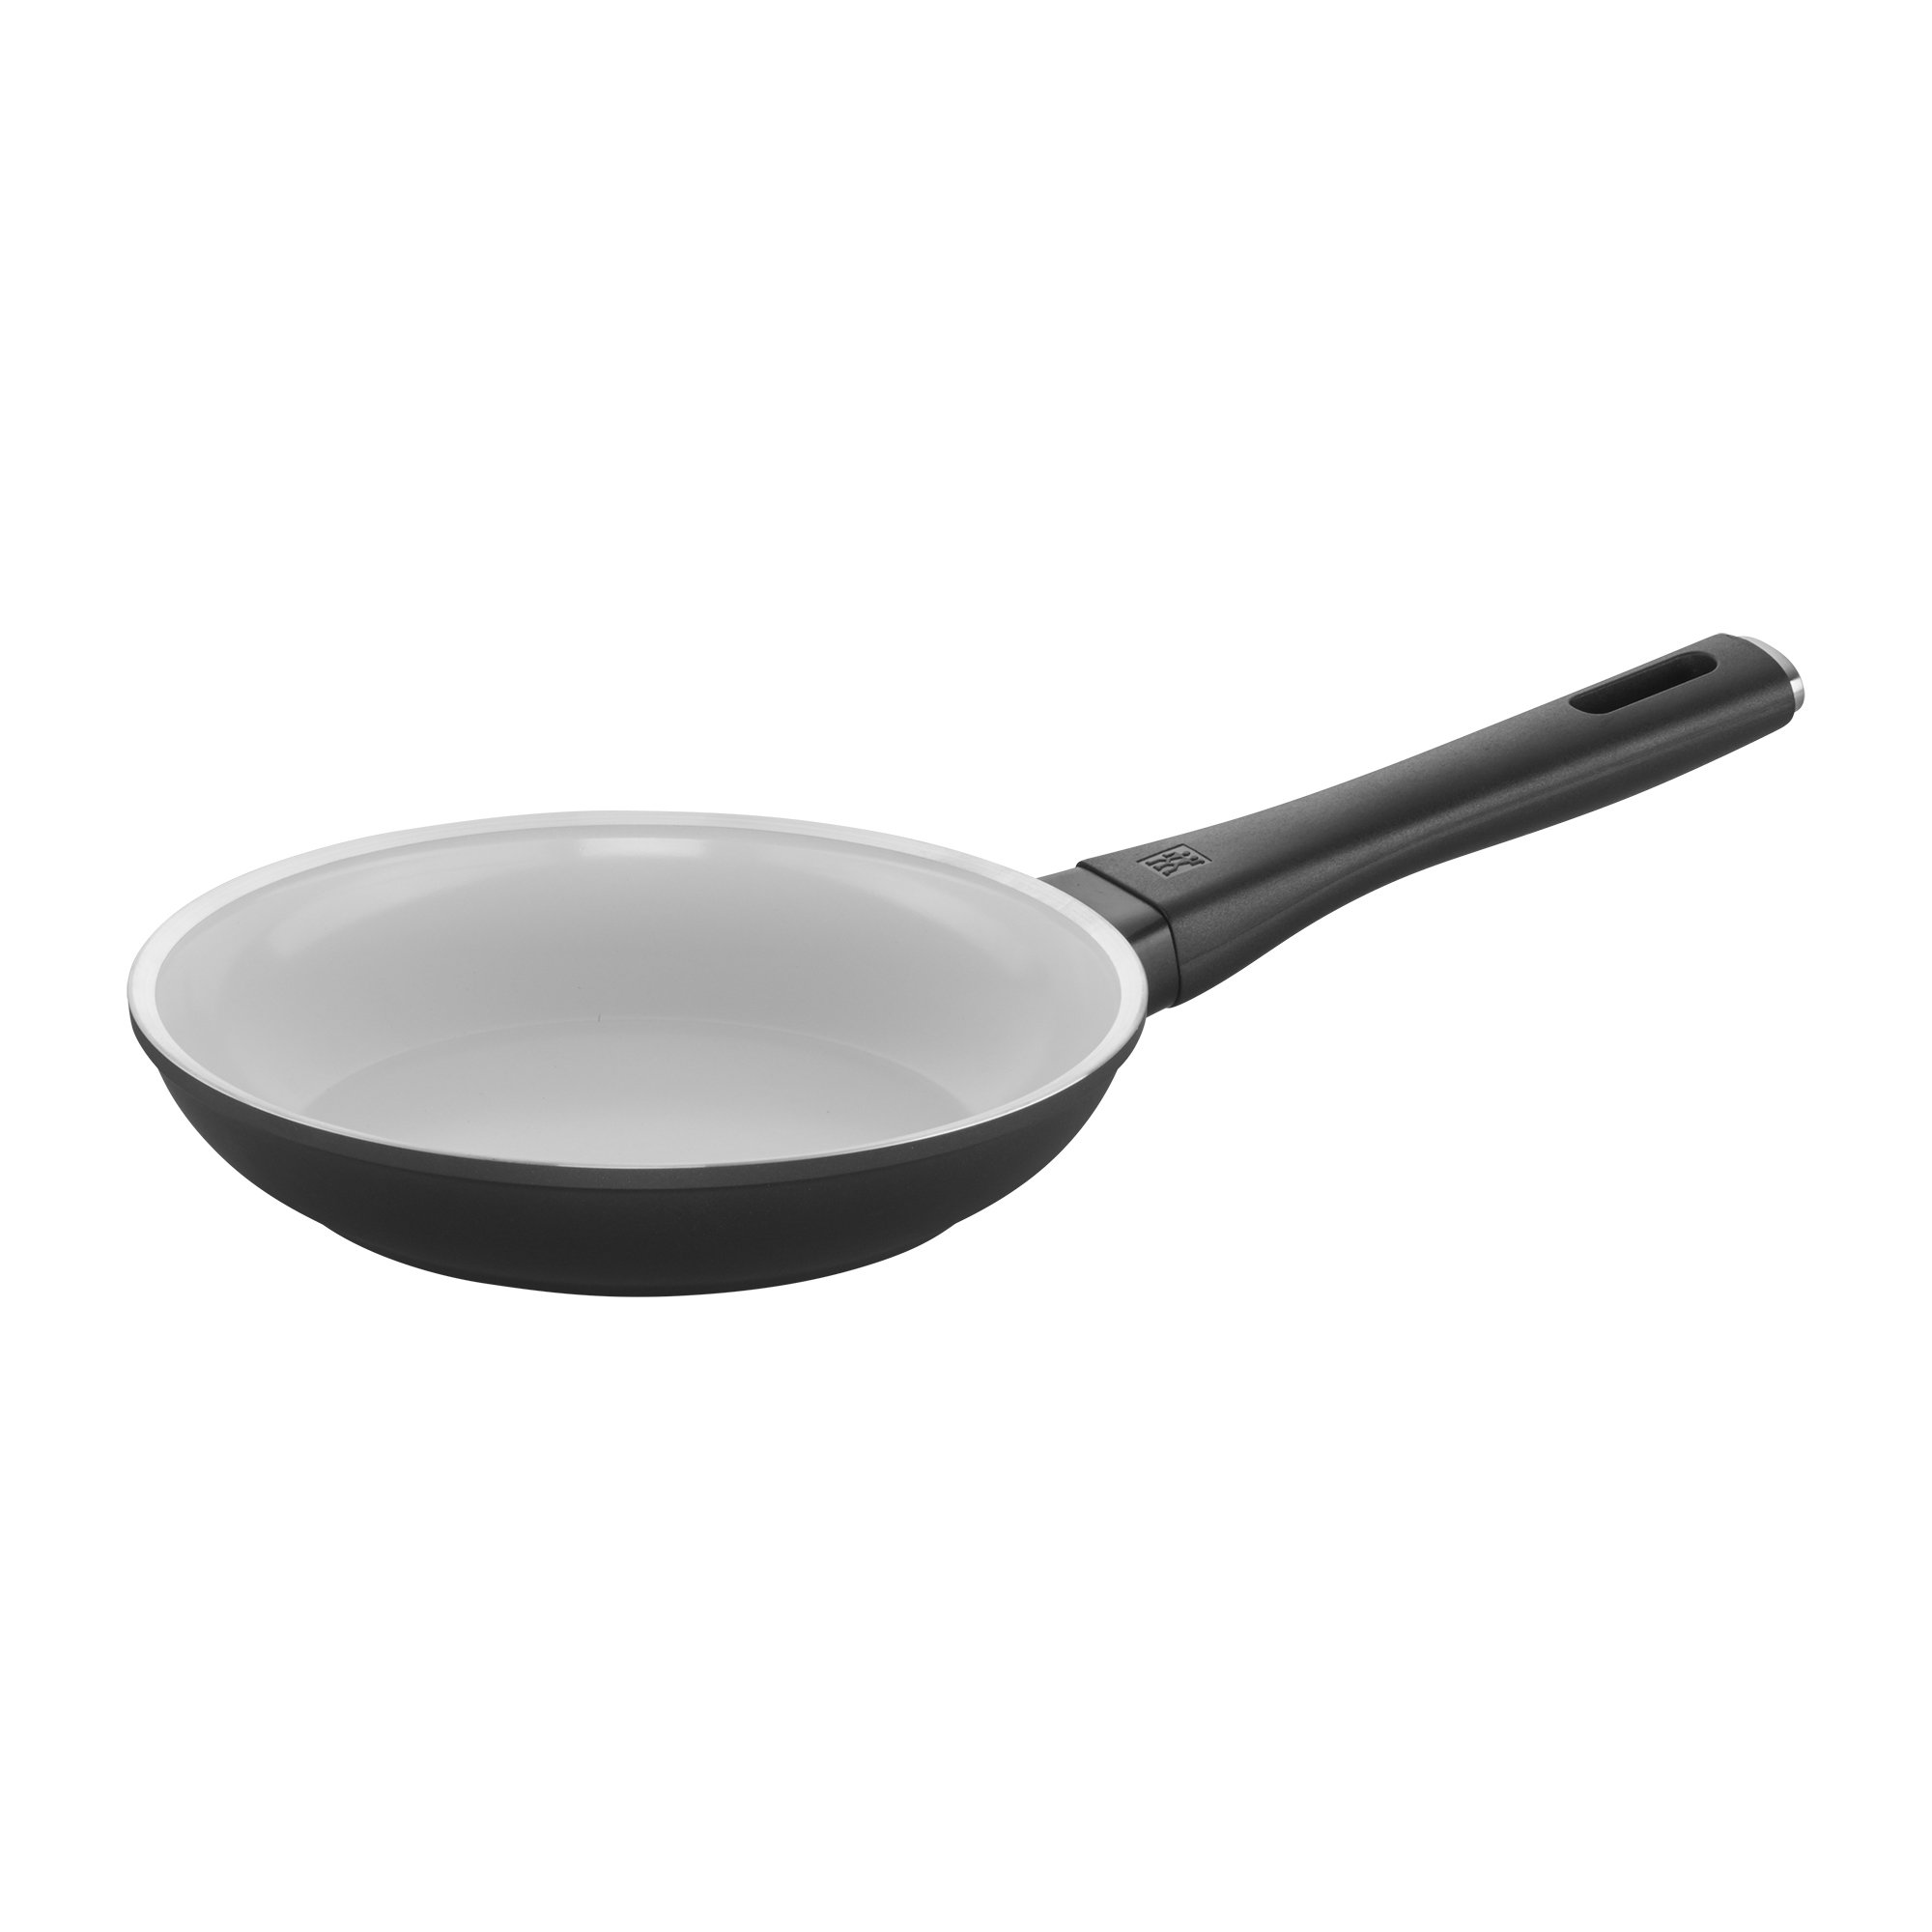 ZWILLING Carrara Plus 8-inch Ceramic Nonstick Fry Pan